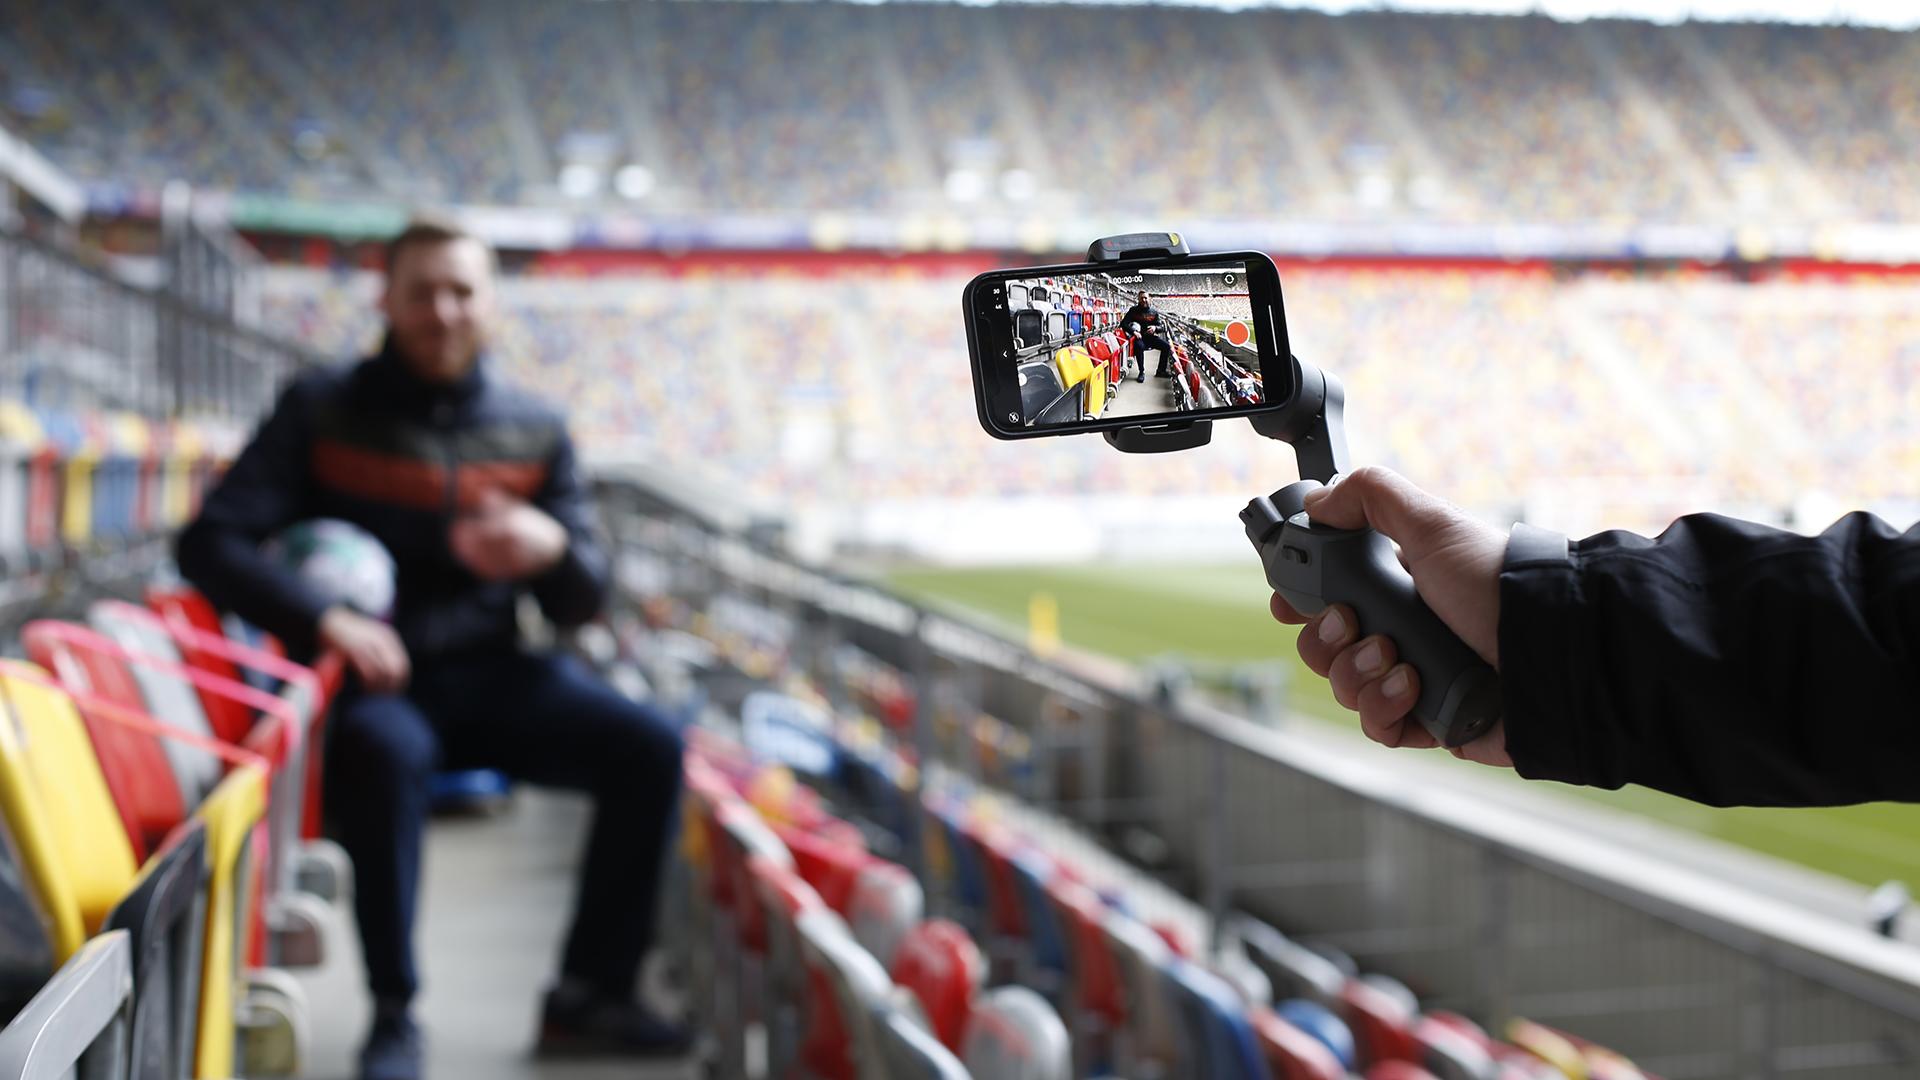 Ein Smartphone überträgt eine Liveaufzeichnung aus dem Fußball-Stadion.